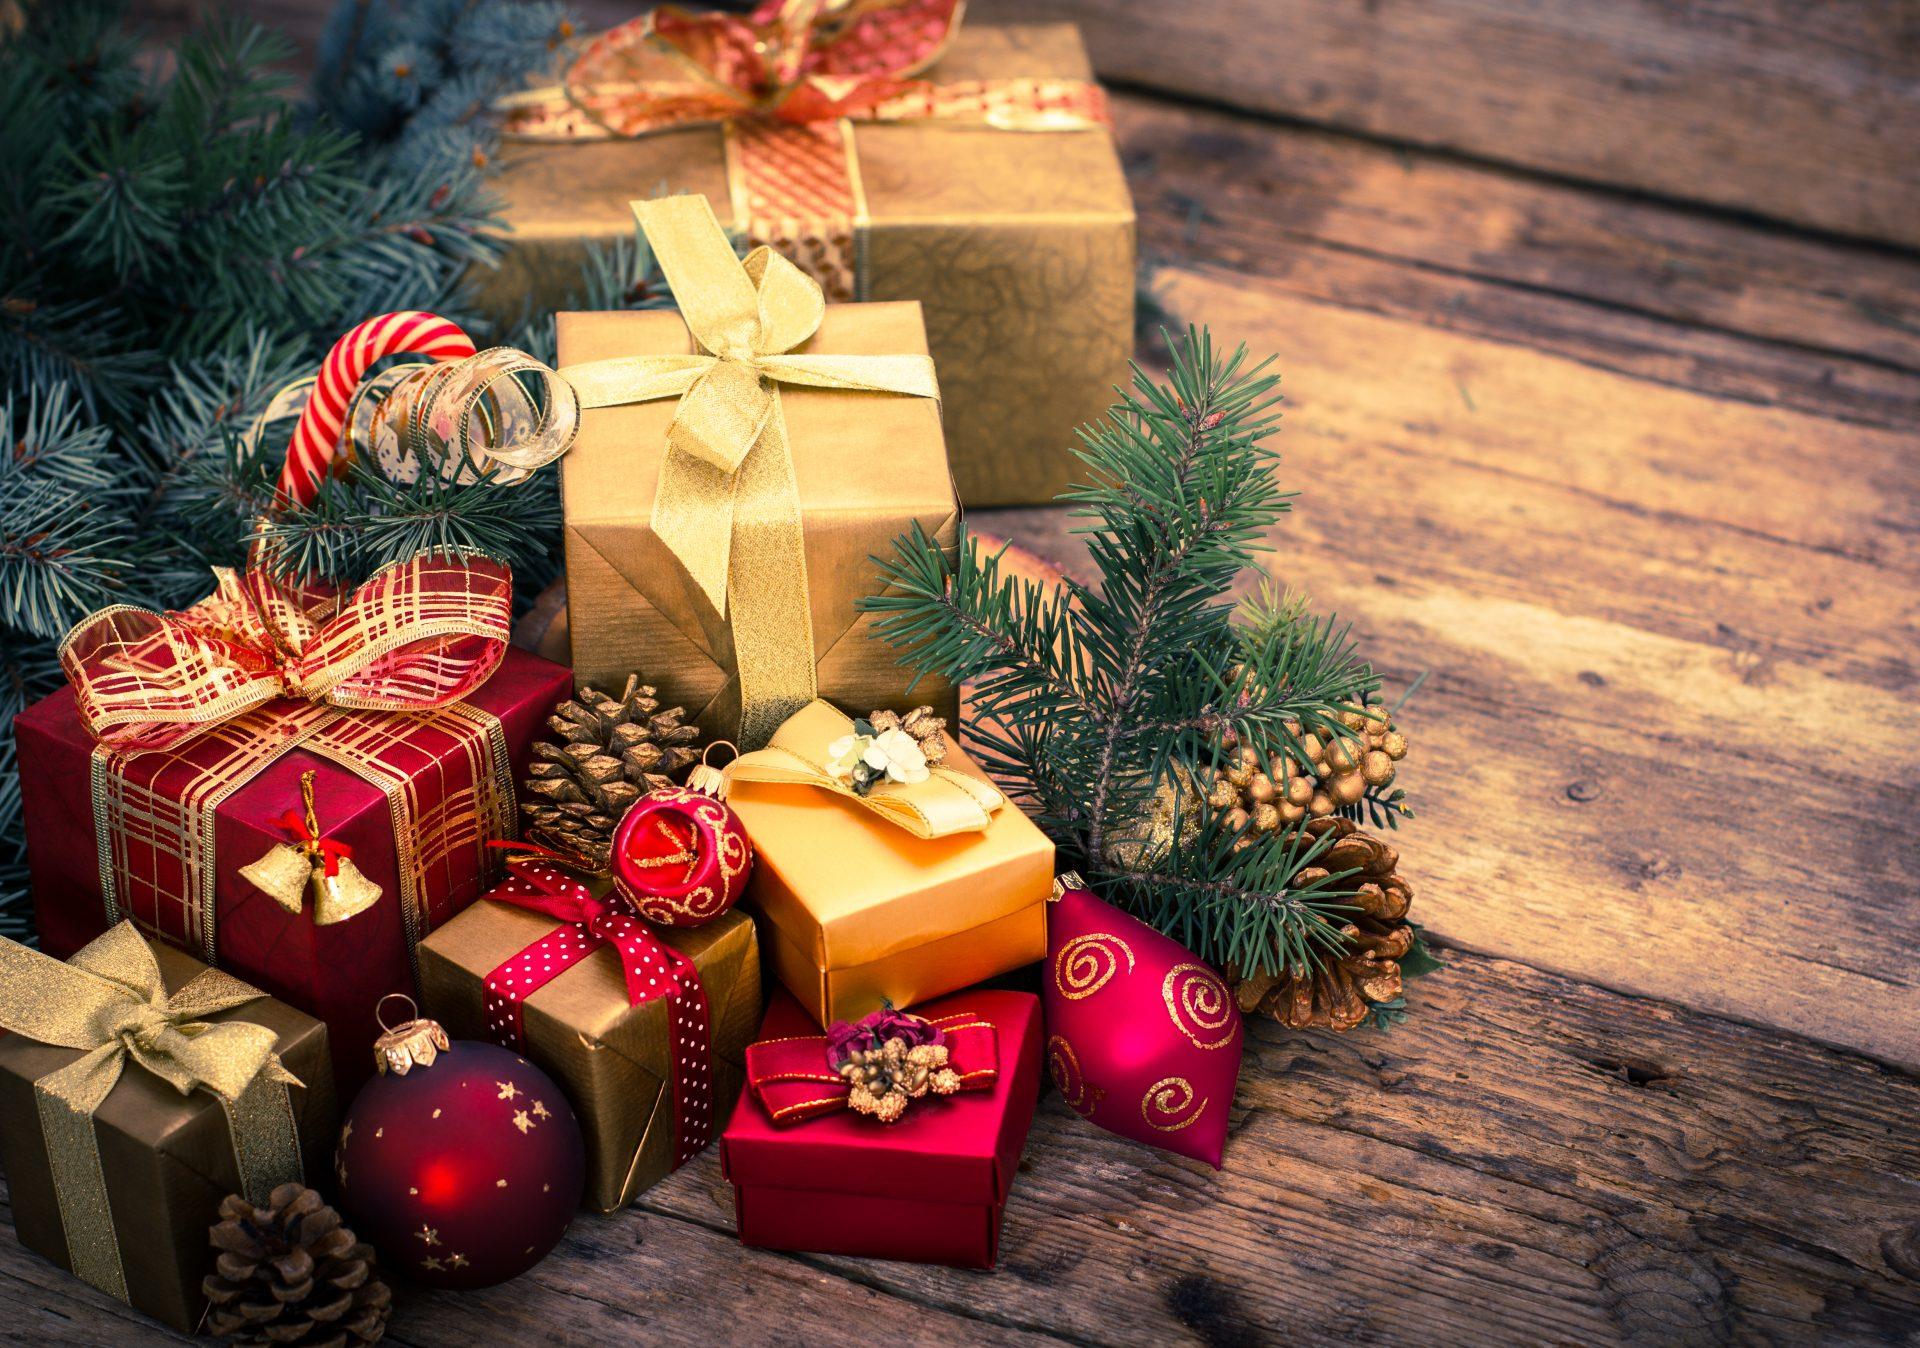 Новорічні подарунки дітям, жінці, чоловіку, батькам, начальнику та колегам